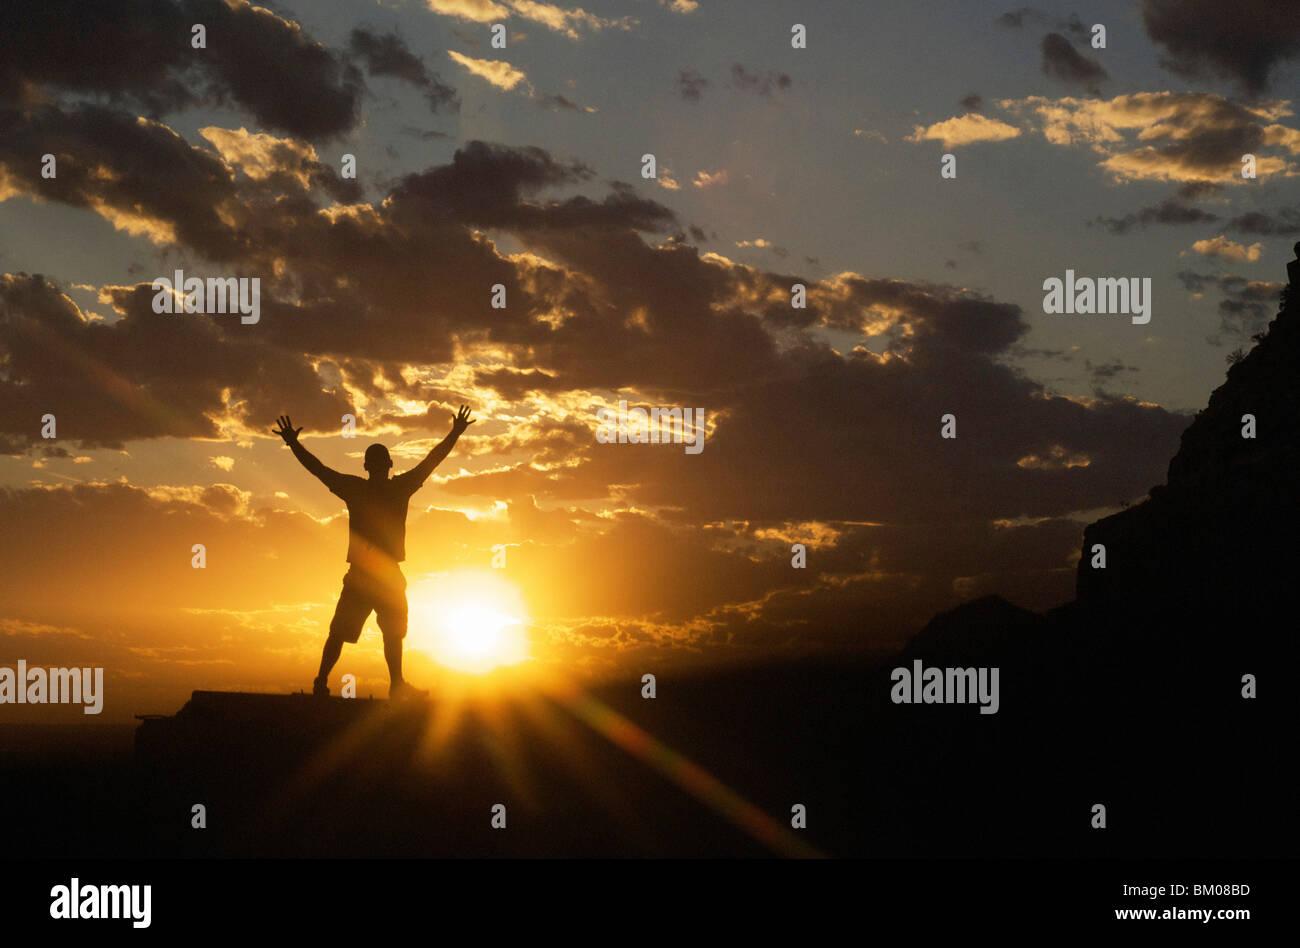 Naturaleza paisajes y conceptos inspiradores: silueta de hombre celebrando el espectacular atardecer cielo de pie Imagen De Stock